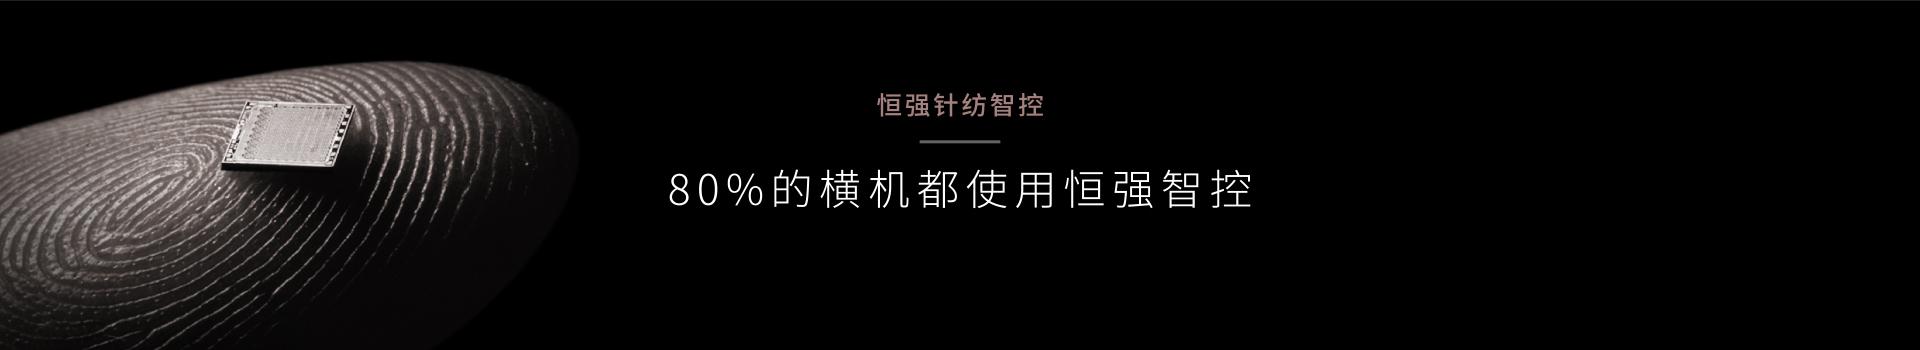 上海营销策划公司给恒强针纺智控做企业品牌策划方案用占领技术制高点方法抢占行业舞台案例